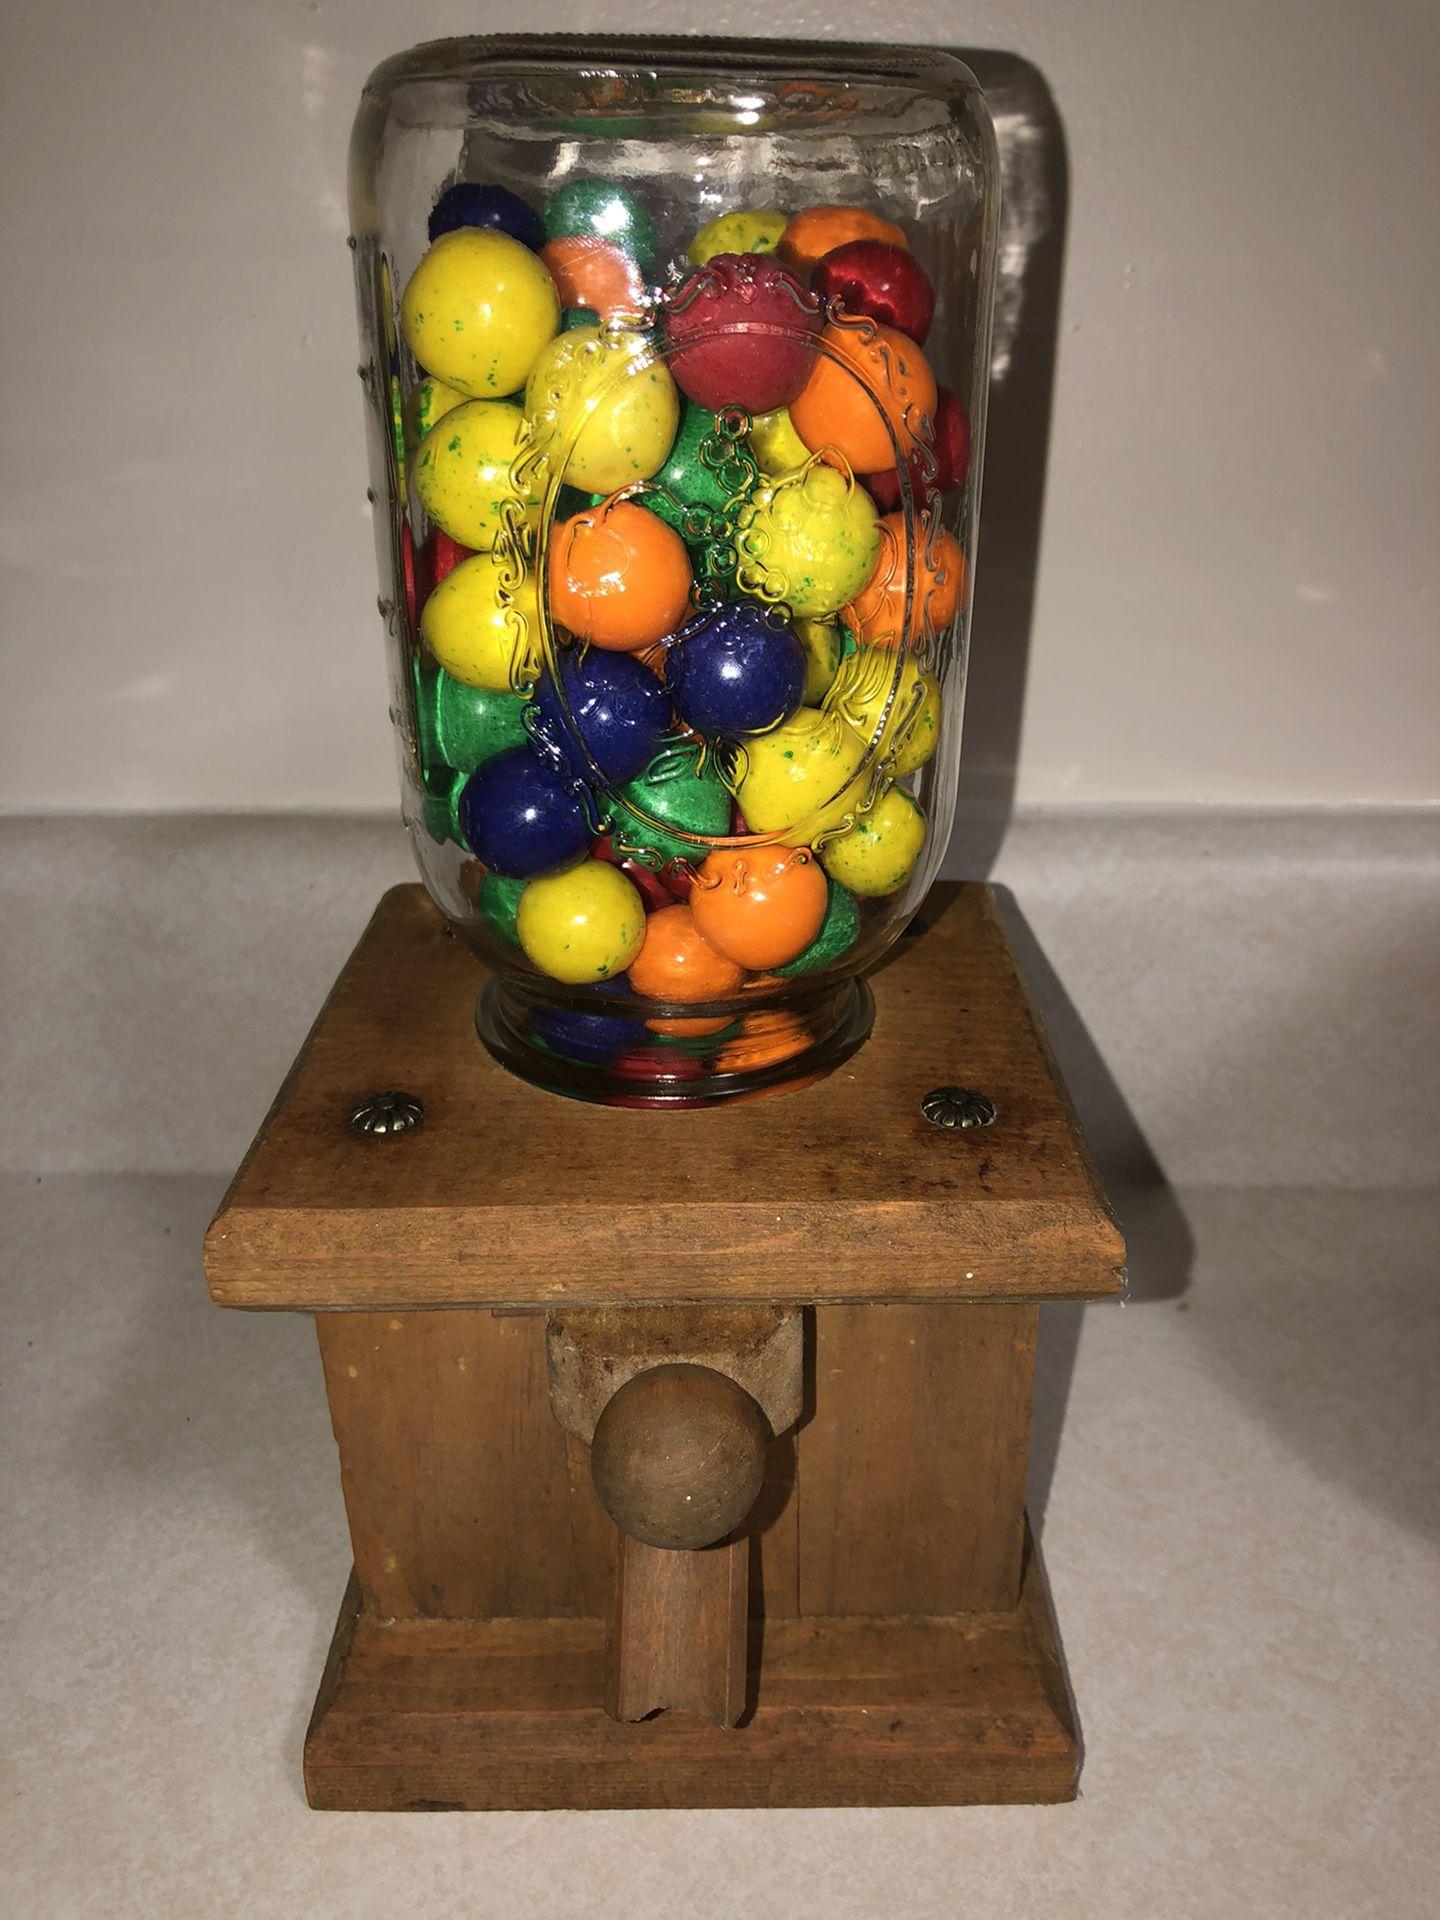 Handmade Wooden Candy Dispenser